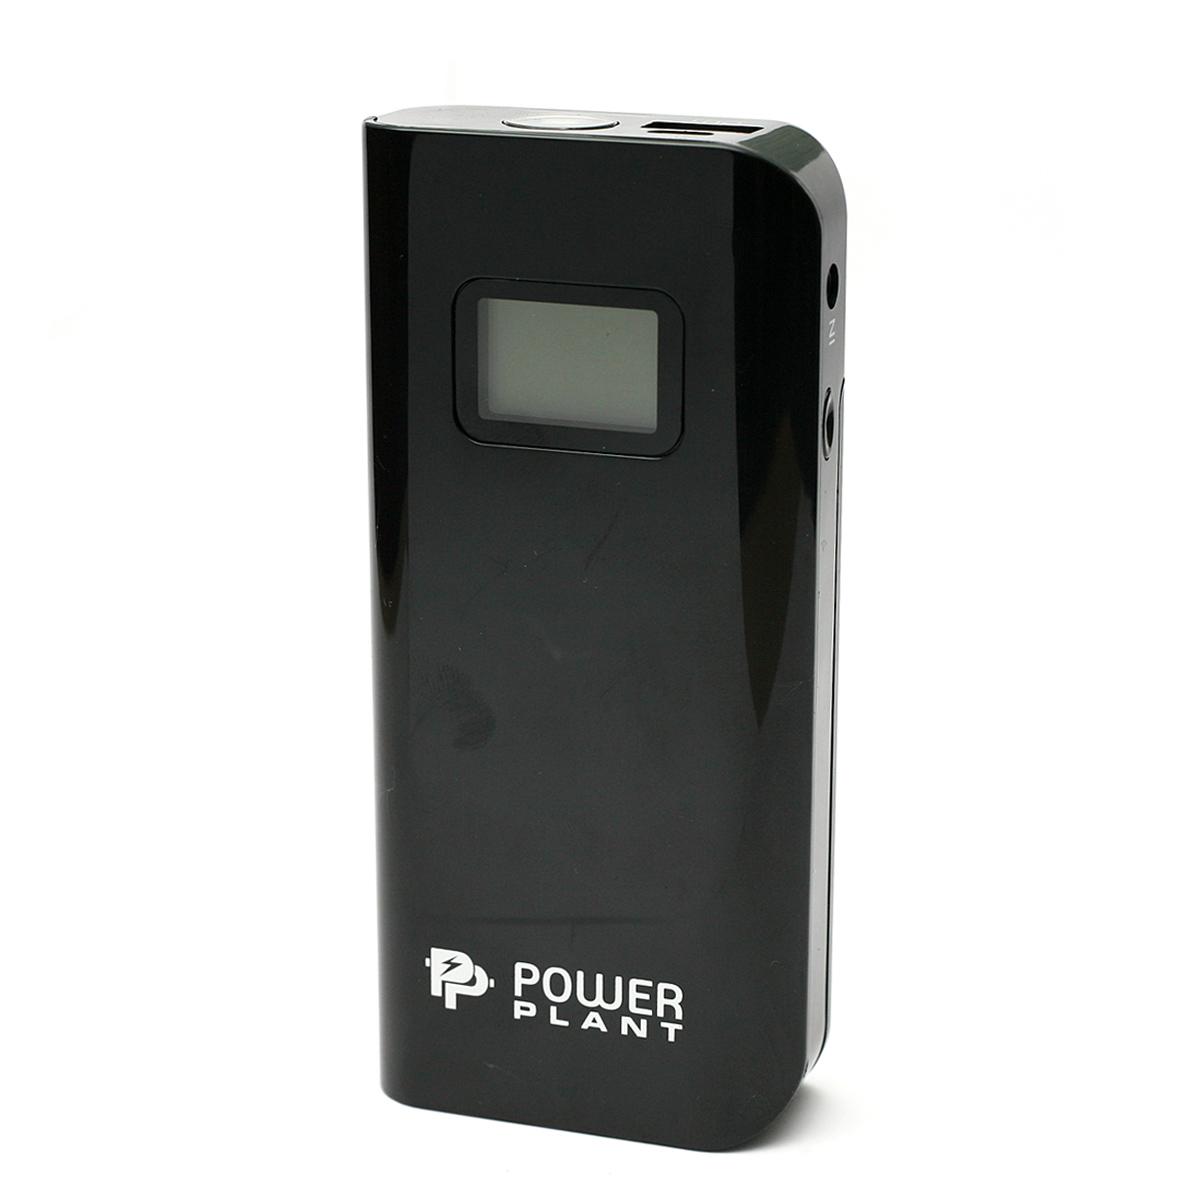 В наличии - Зарядное устройство / УМБ PowerPlant для аккумуляторов LIR18650/ PS-PC201 цена, характеристики